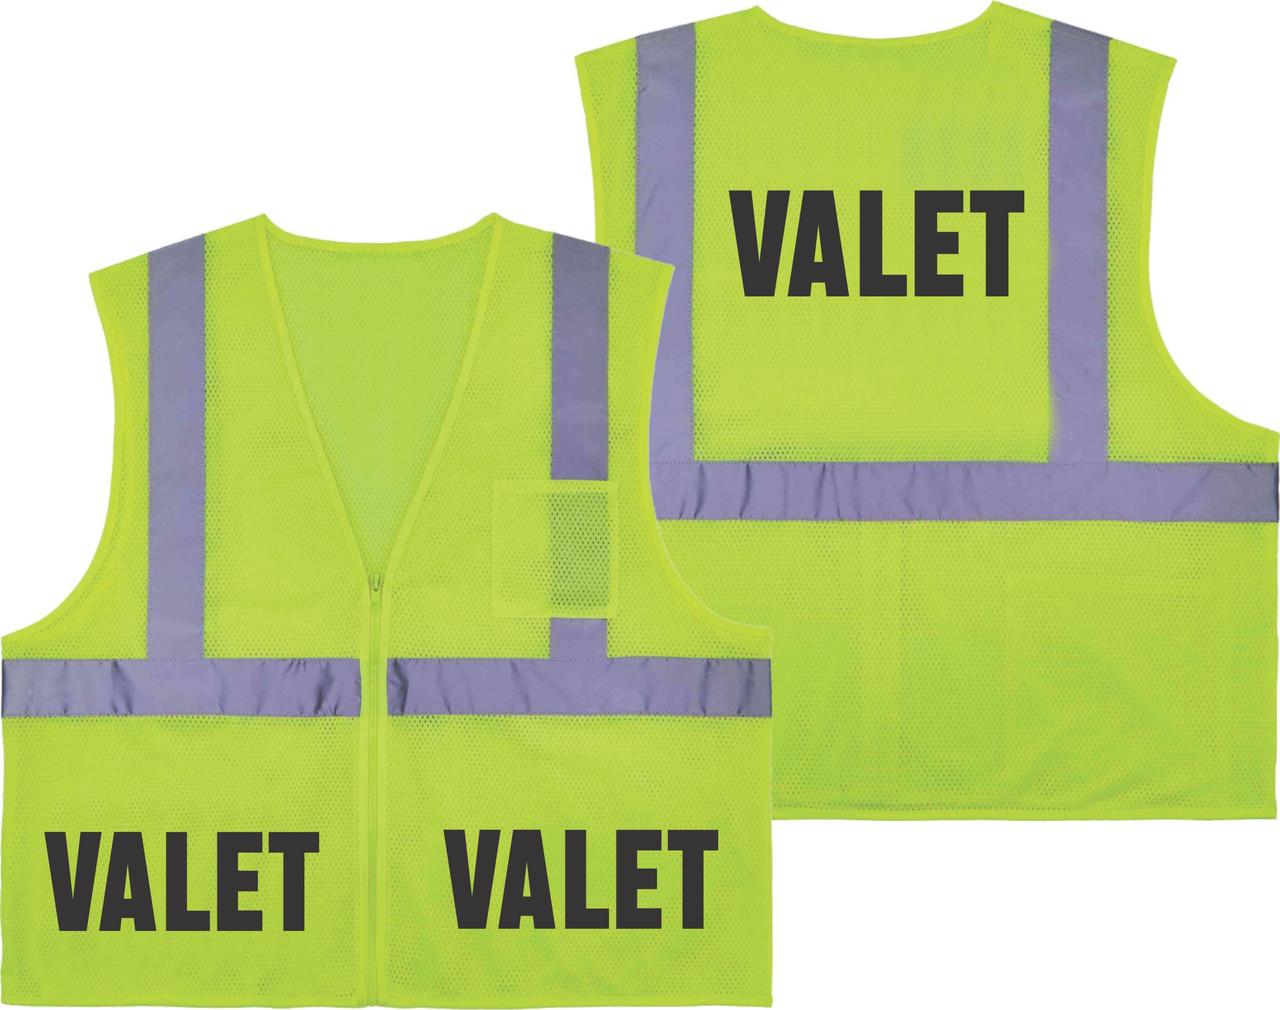 Printed VALET Safety Vest Class 2 - Great for Hi Vis Vest for Events